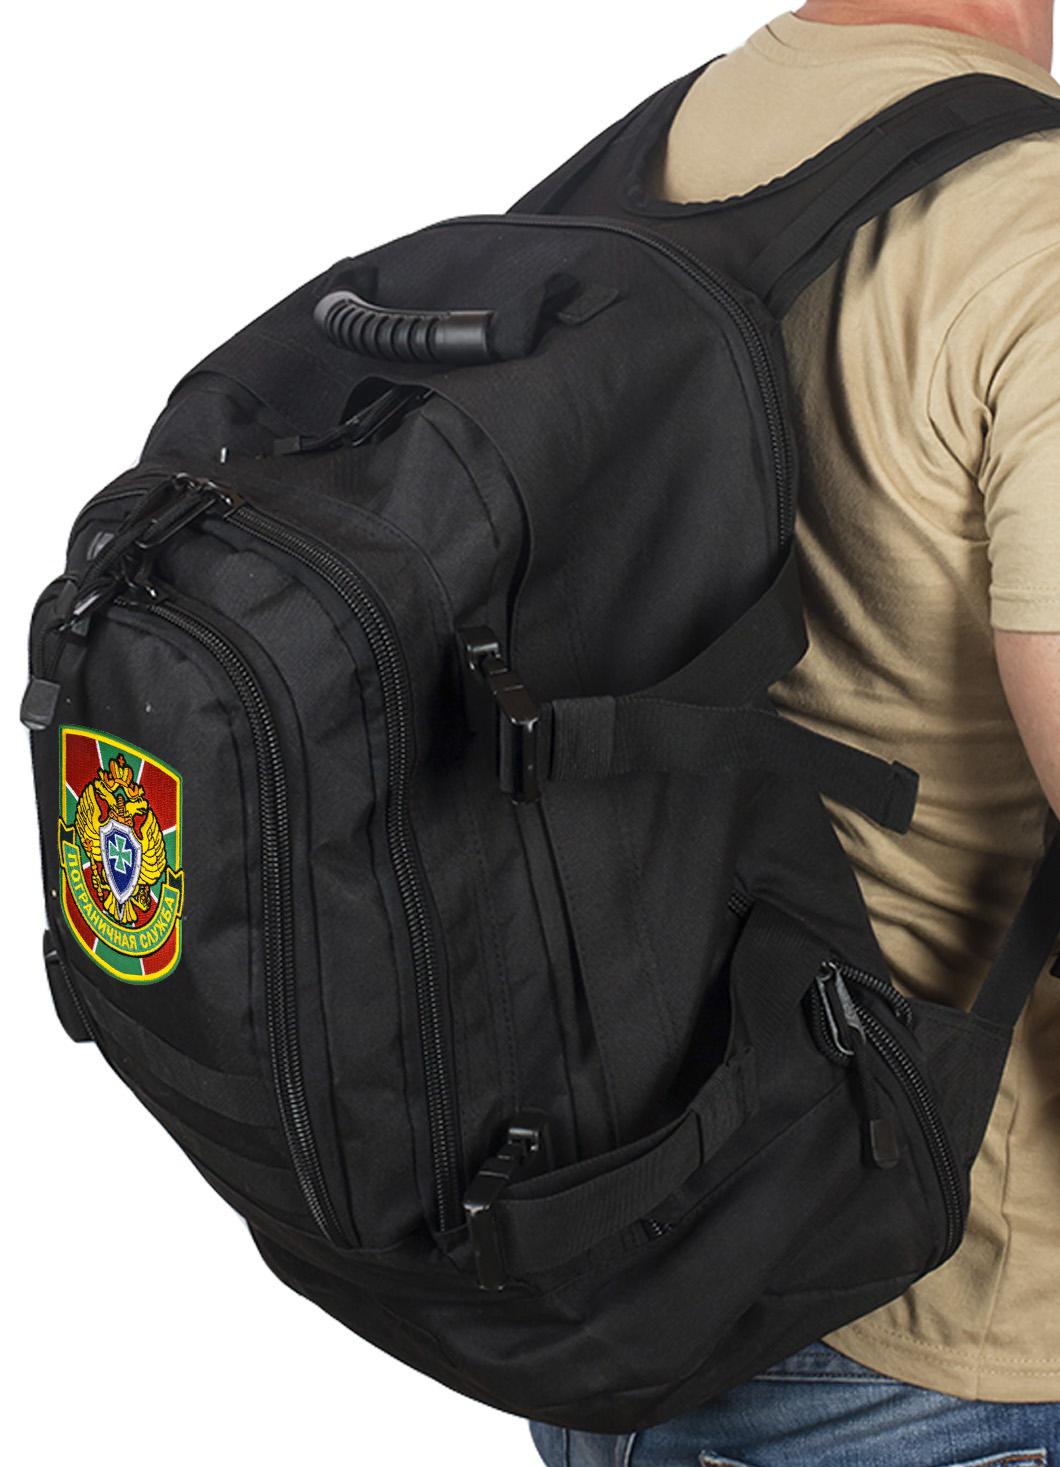 Универсальный мужской рюкзак с нашивкой ПС - купить онлайн